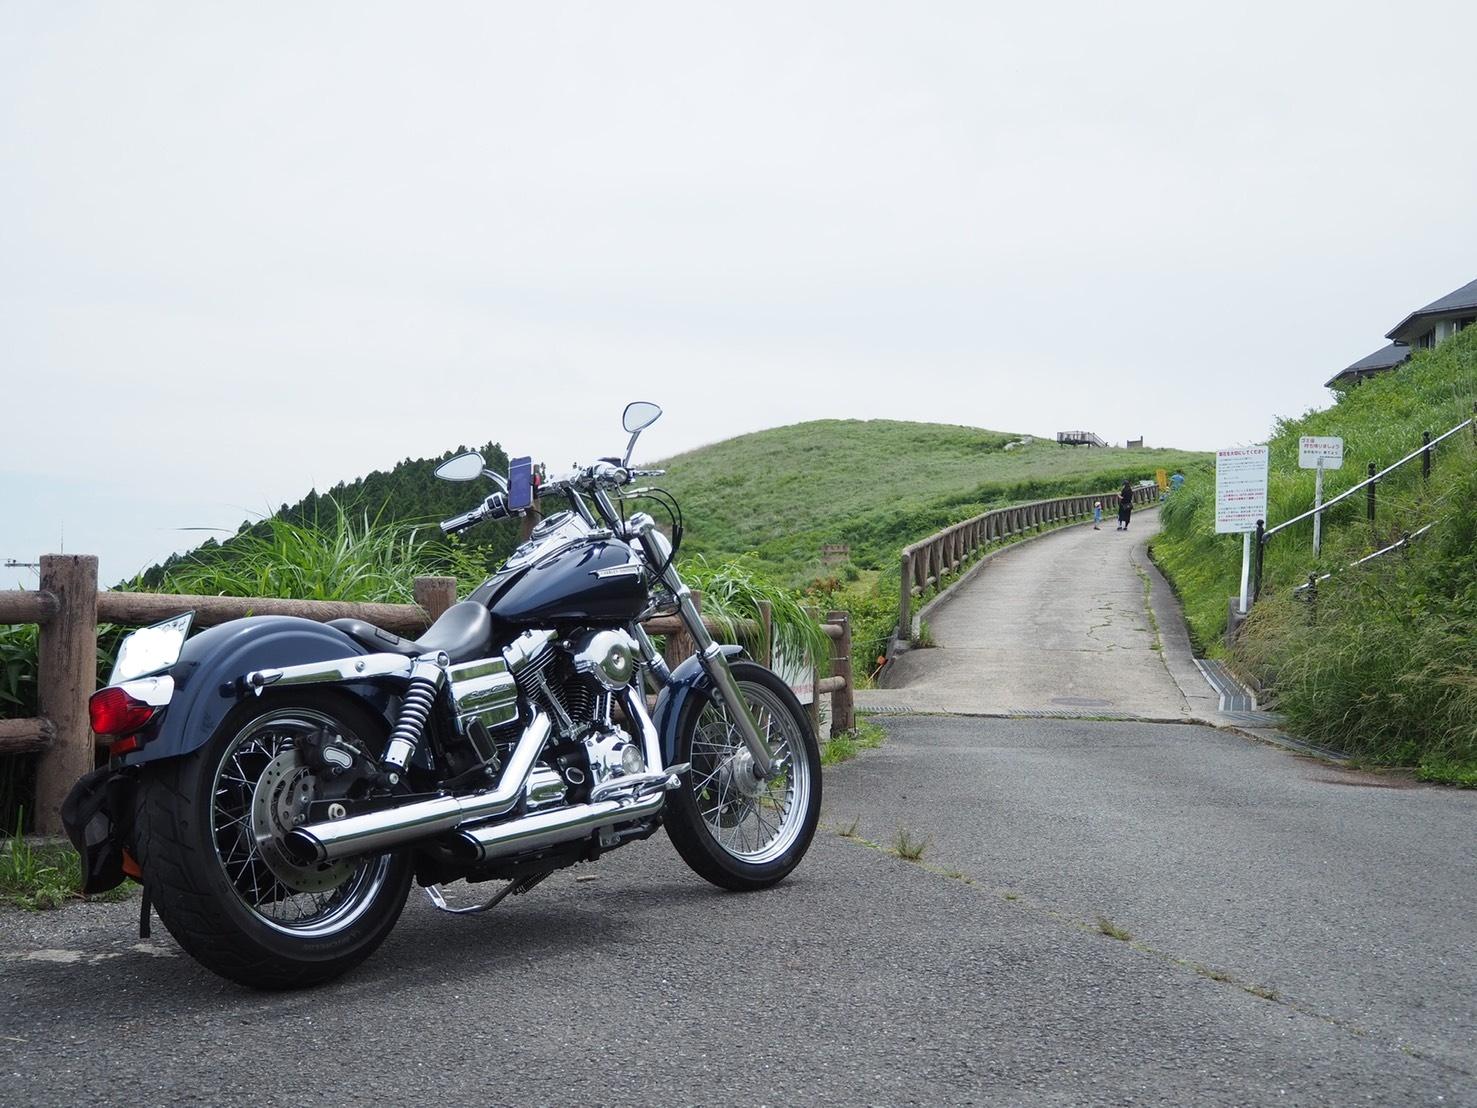 ぴーきち&ダイナ ハーレーブログ 和歌山有田ツーリング 生石高原 駐車場